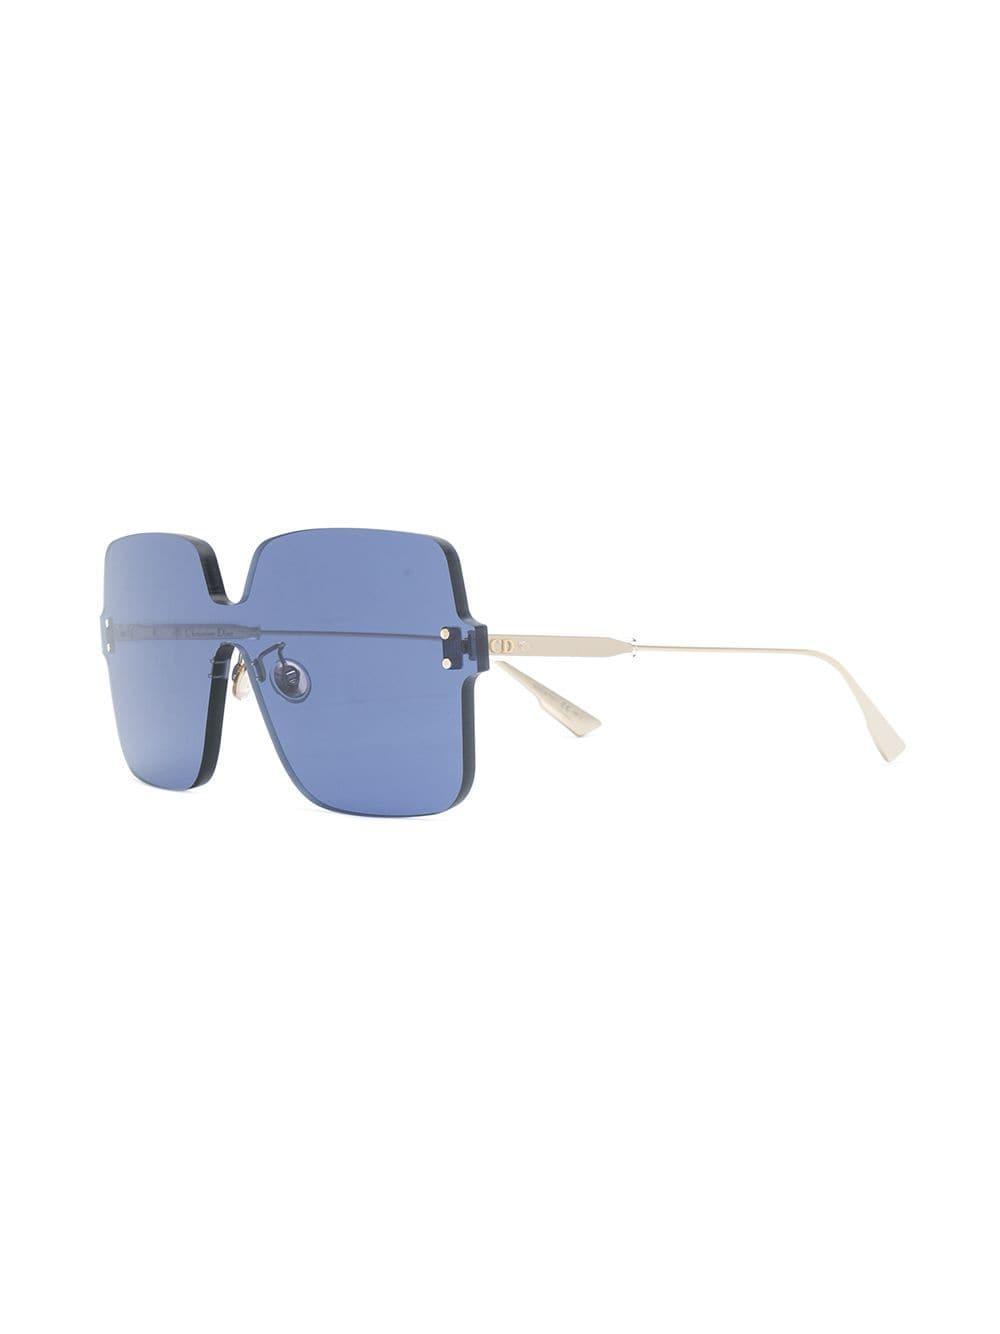 945a9c9ac5 Dior Colorquake1 Sunglasses in Blue - Lyst